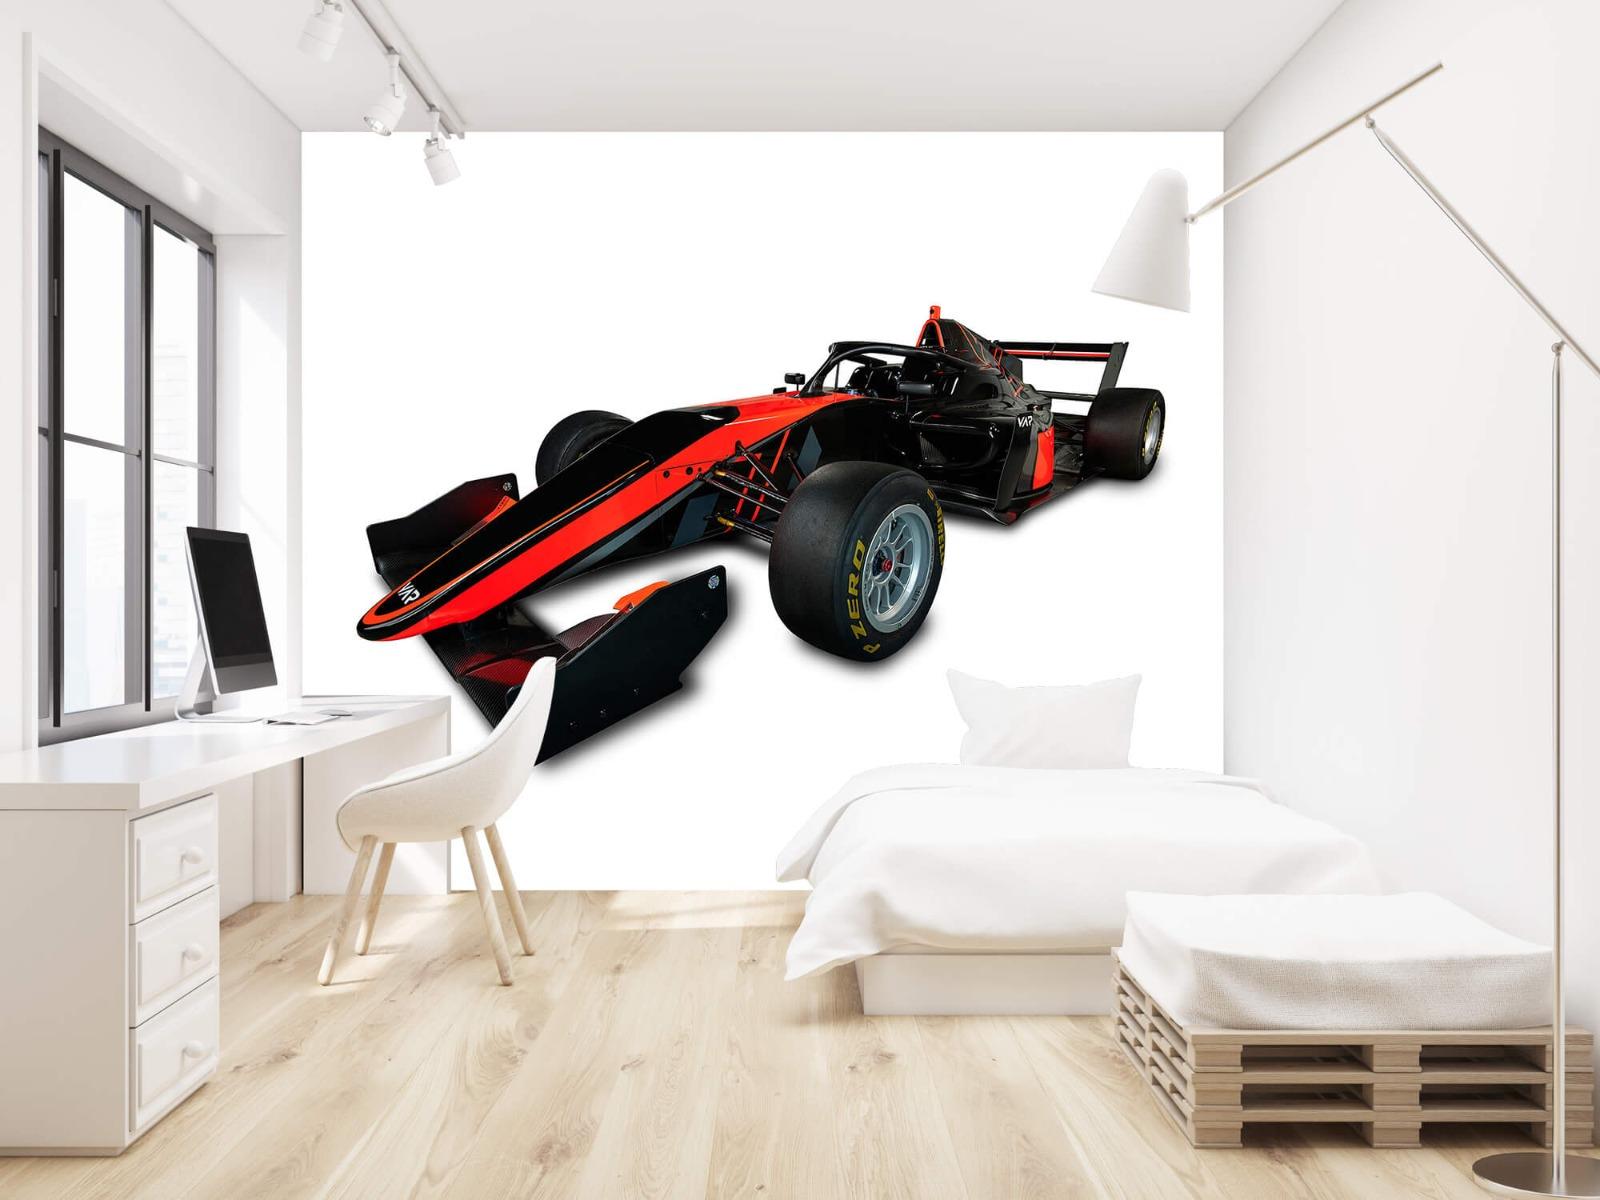 Sportauto's - Formule 3 - Left front view - Tienerkamer 23